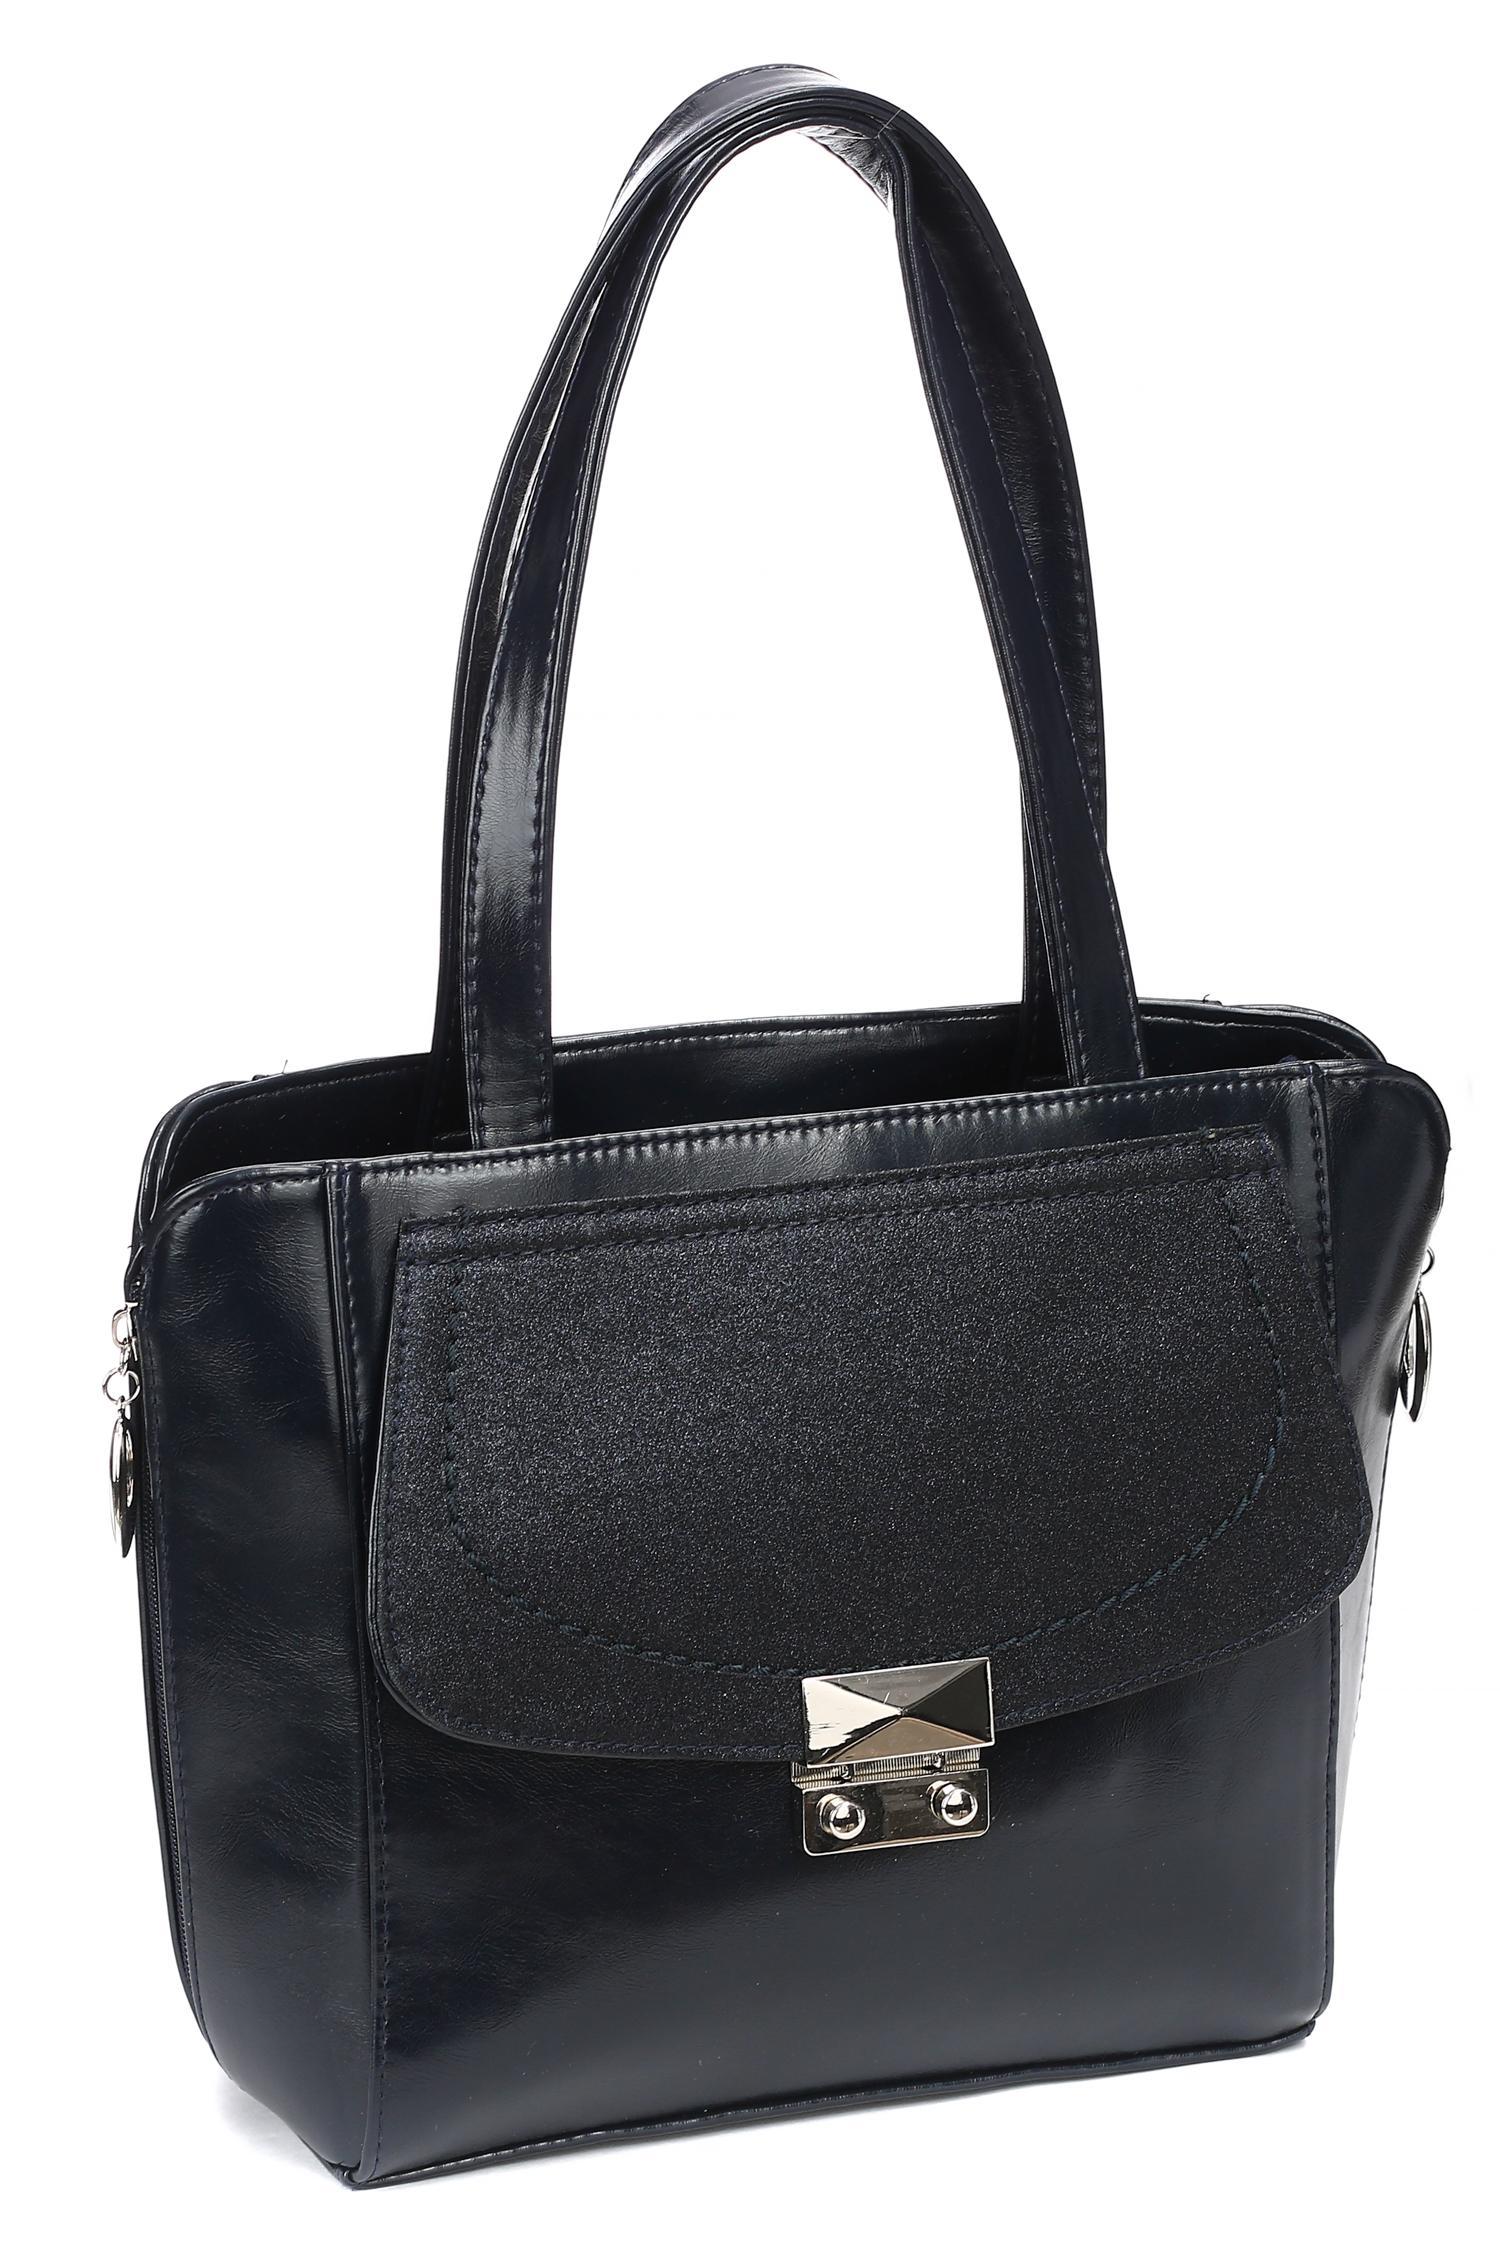 МОСМЕХА сумка женская